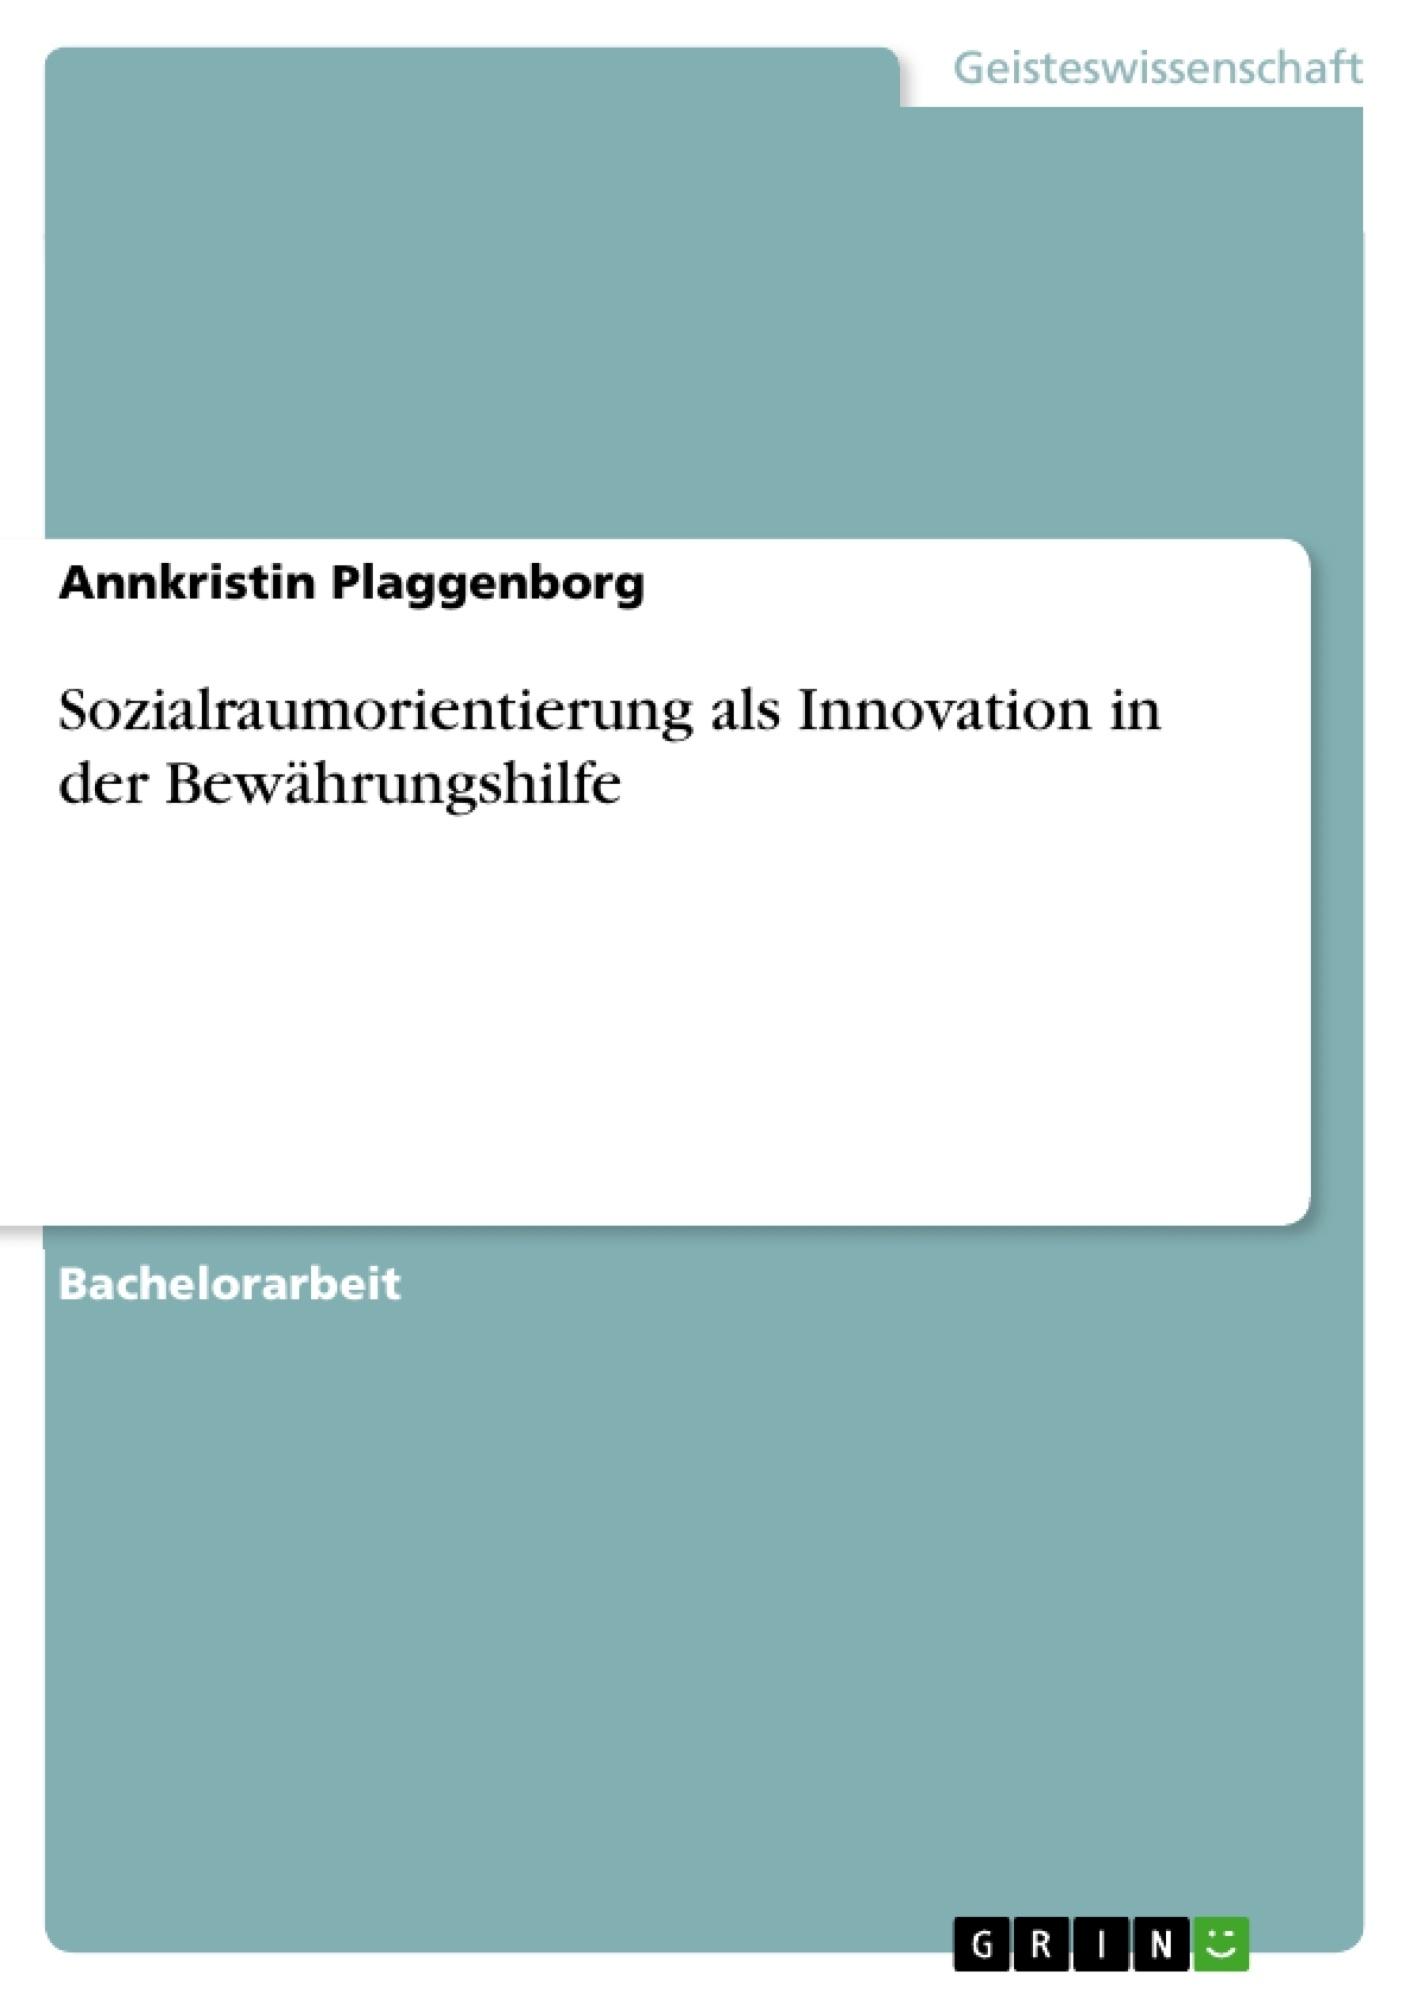 Titel: Sozialraumorientierung als Innovation in der Bewährungshilfe